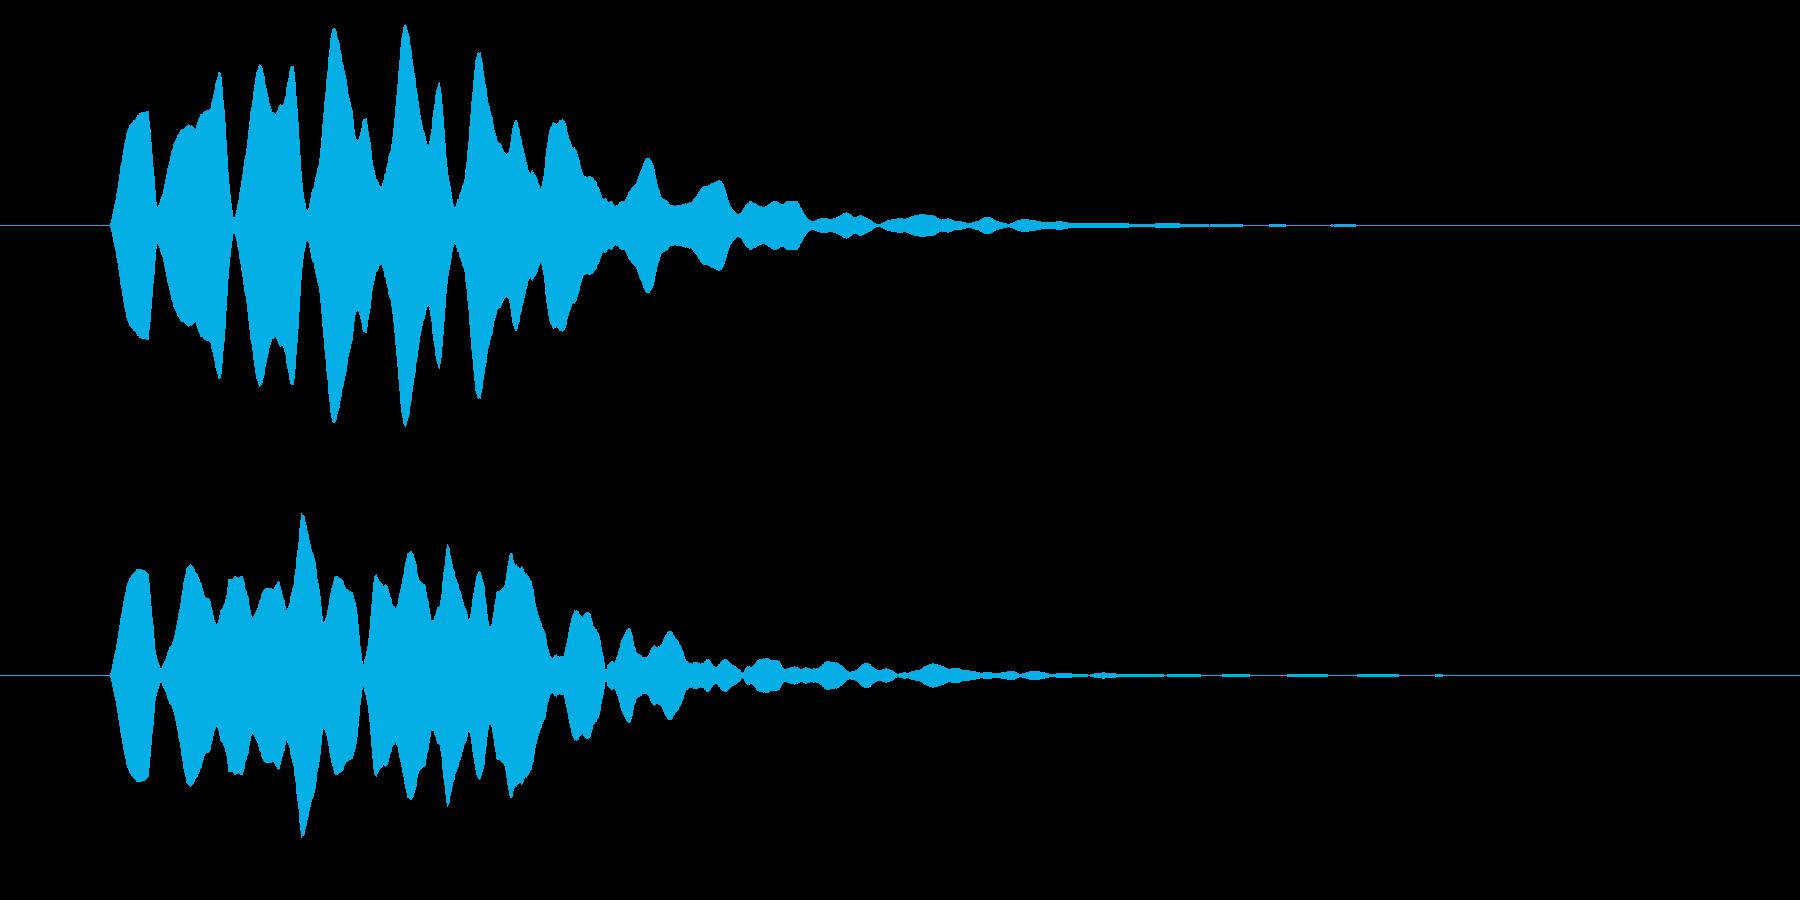 改札 ビープ音01-16(音色2 遠)の再生済みの波形